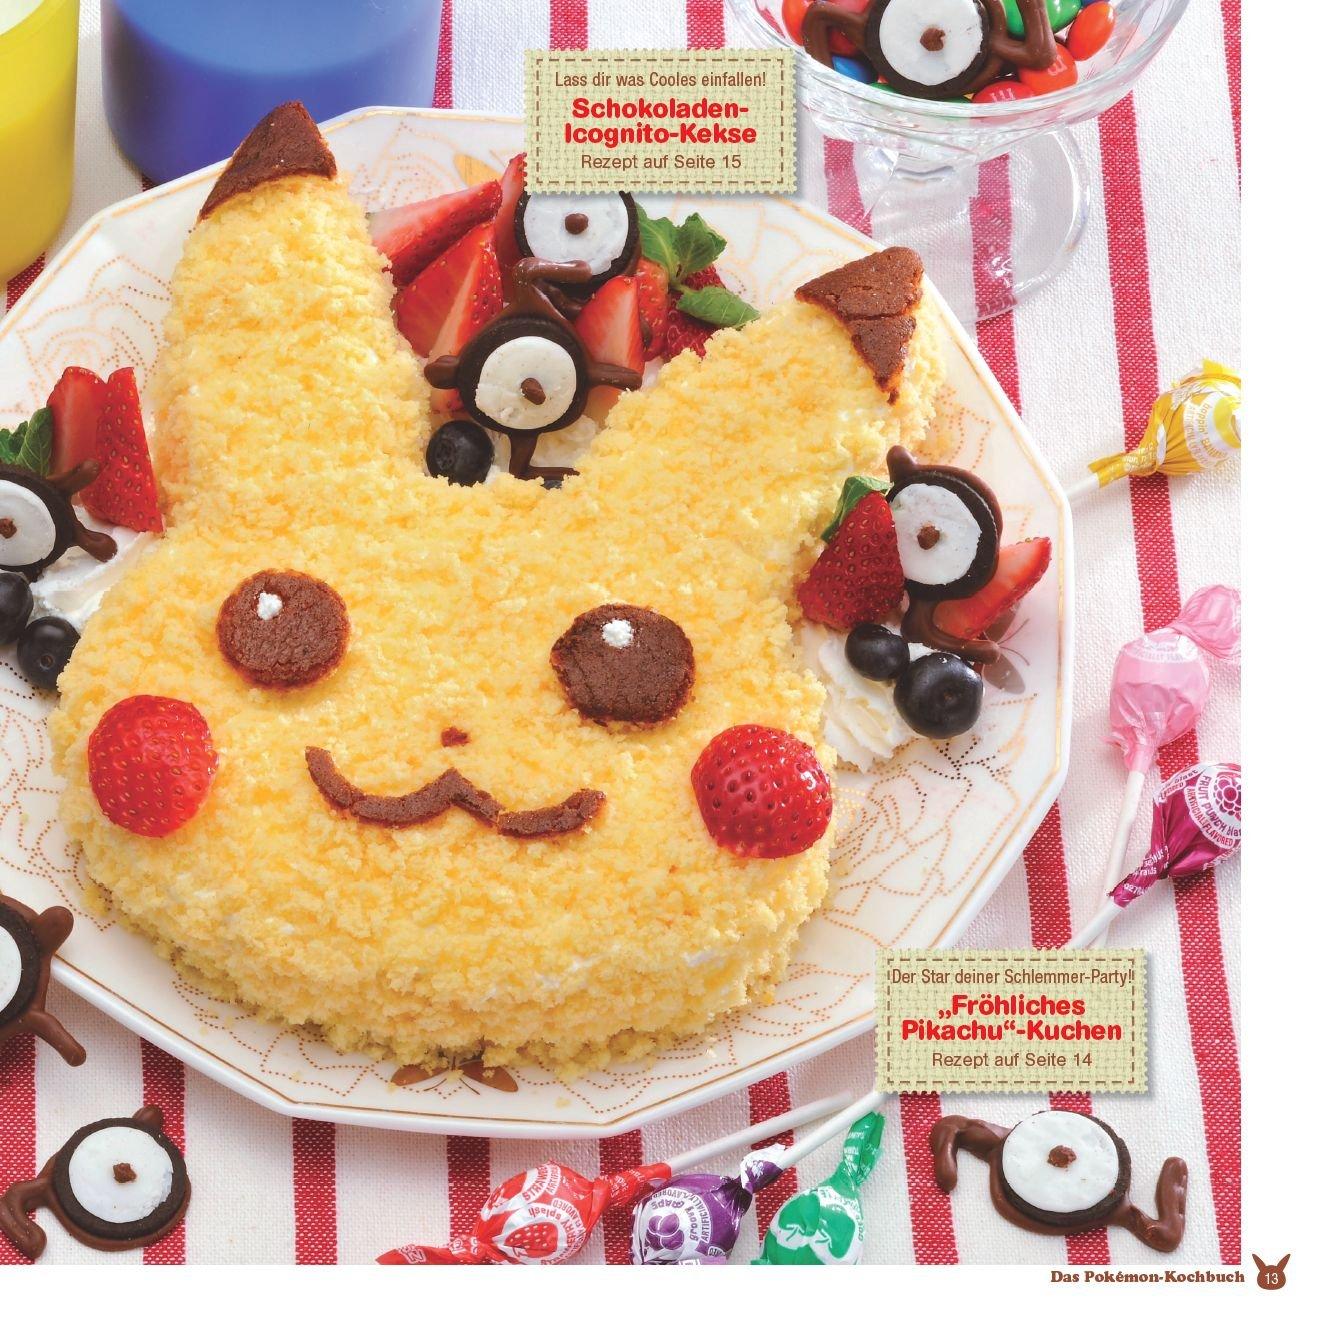 Das Pokemon Kochbuch Einfache Rezepte Die Spass Machen Amazon De